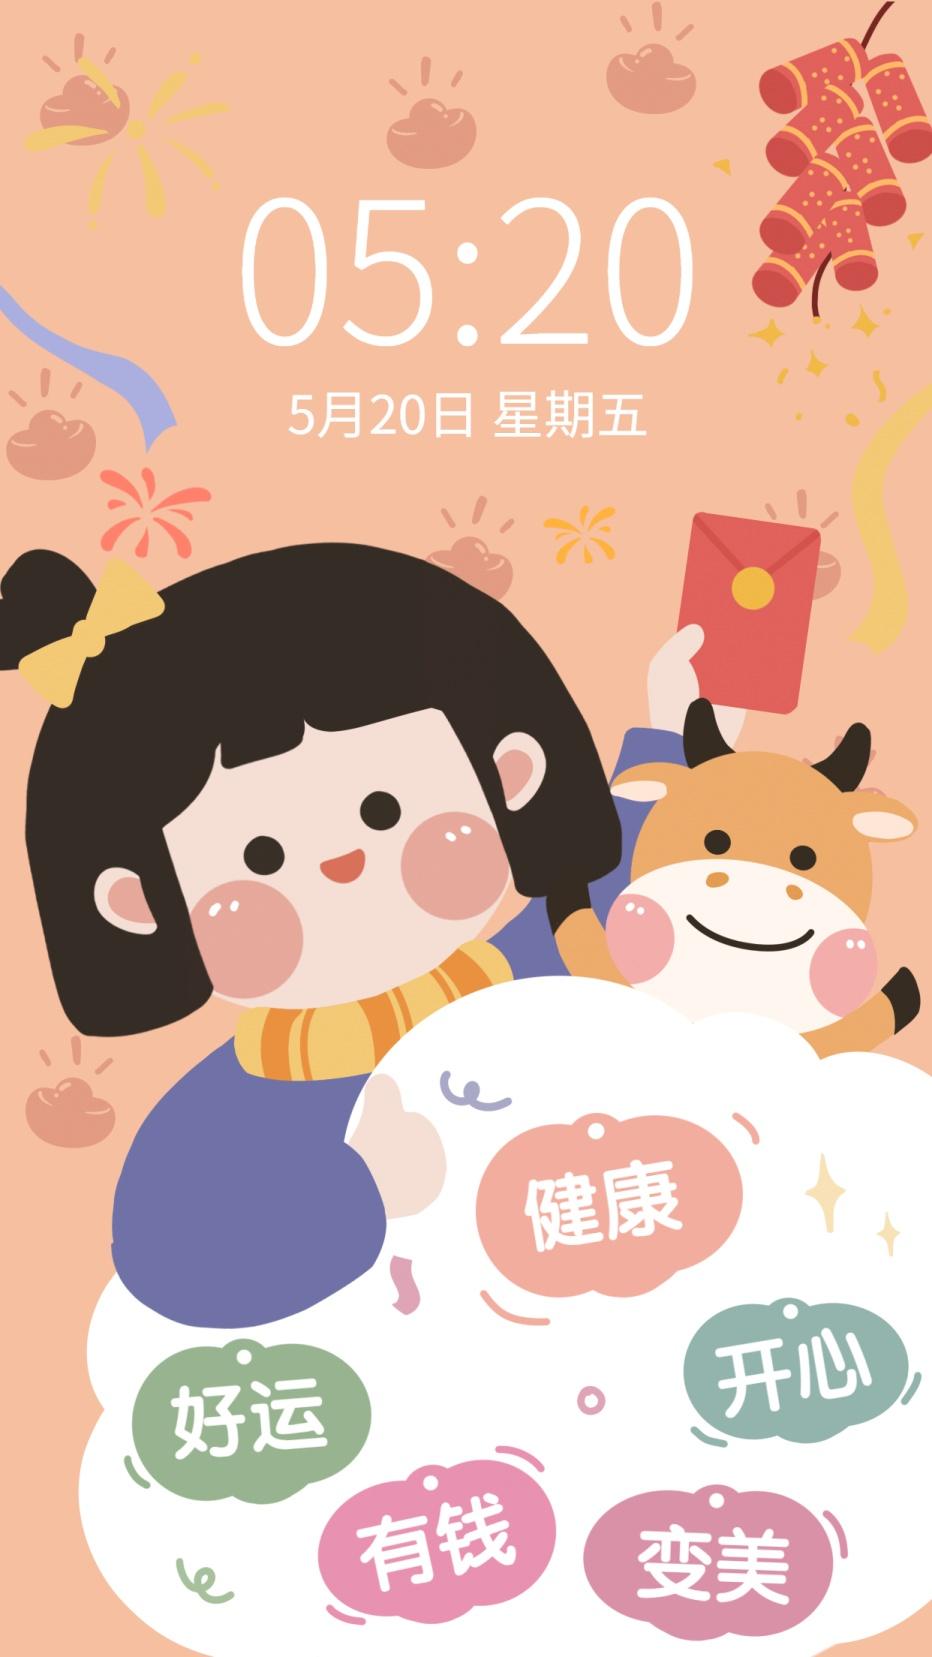 新年春节可爱手绘手机壁纸明星应援